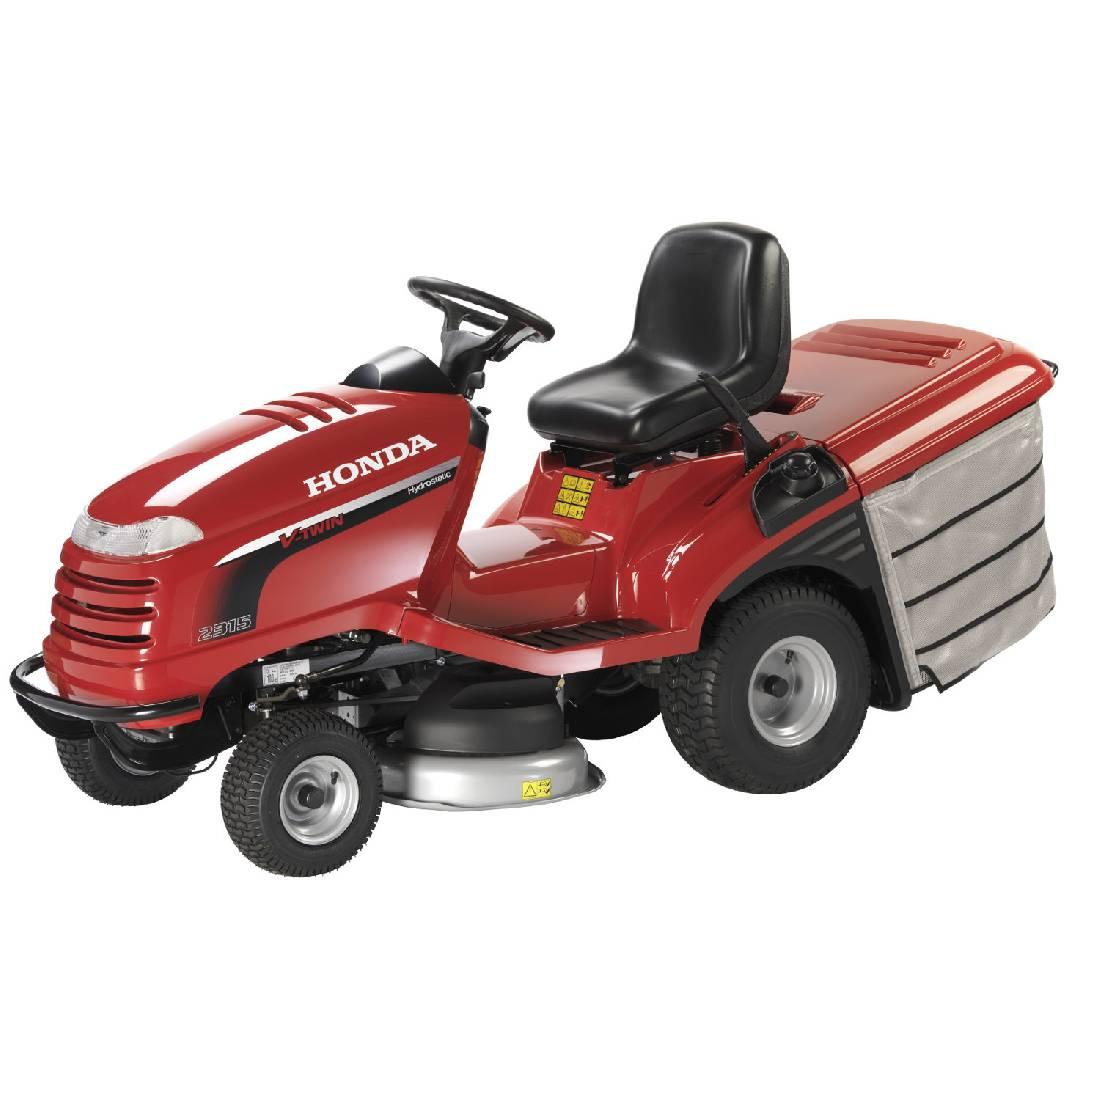 HF2315K3HME. Садовый трактор Honda HF 2315 K3